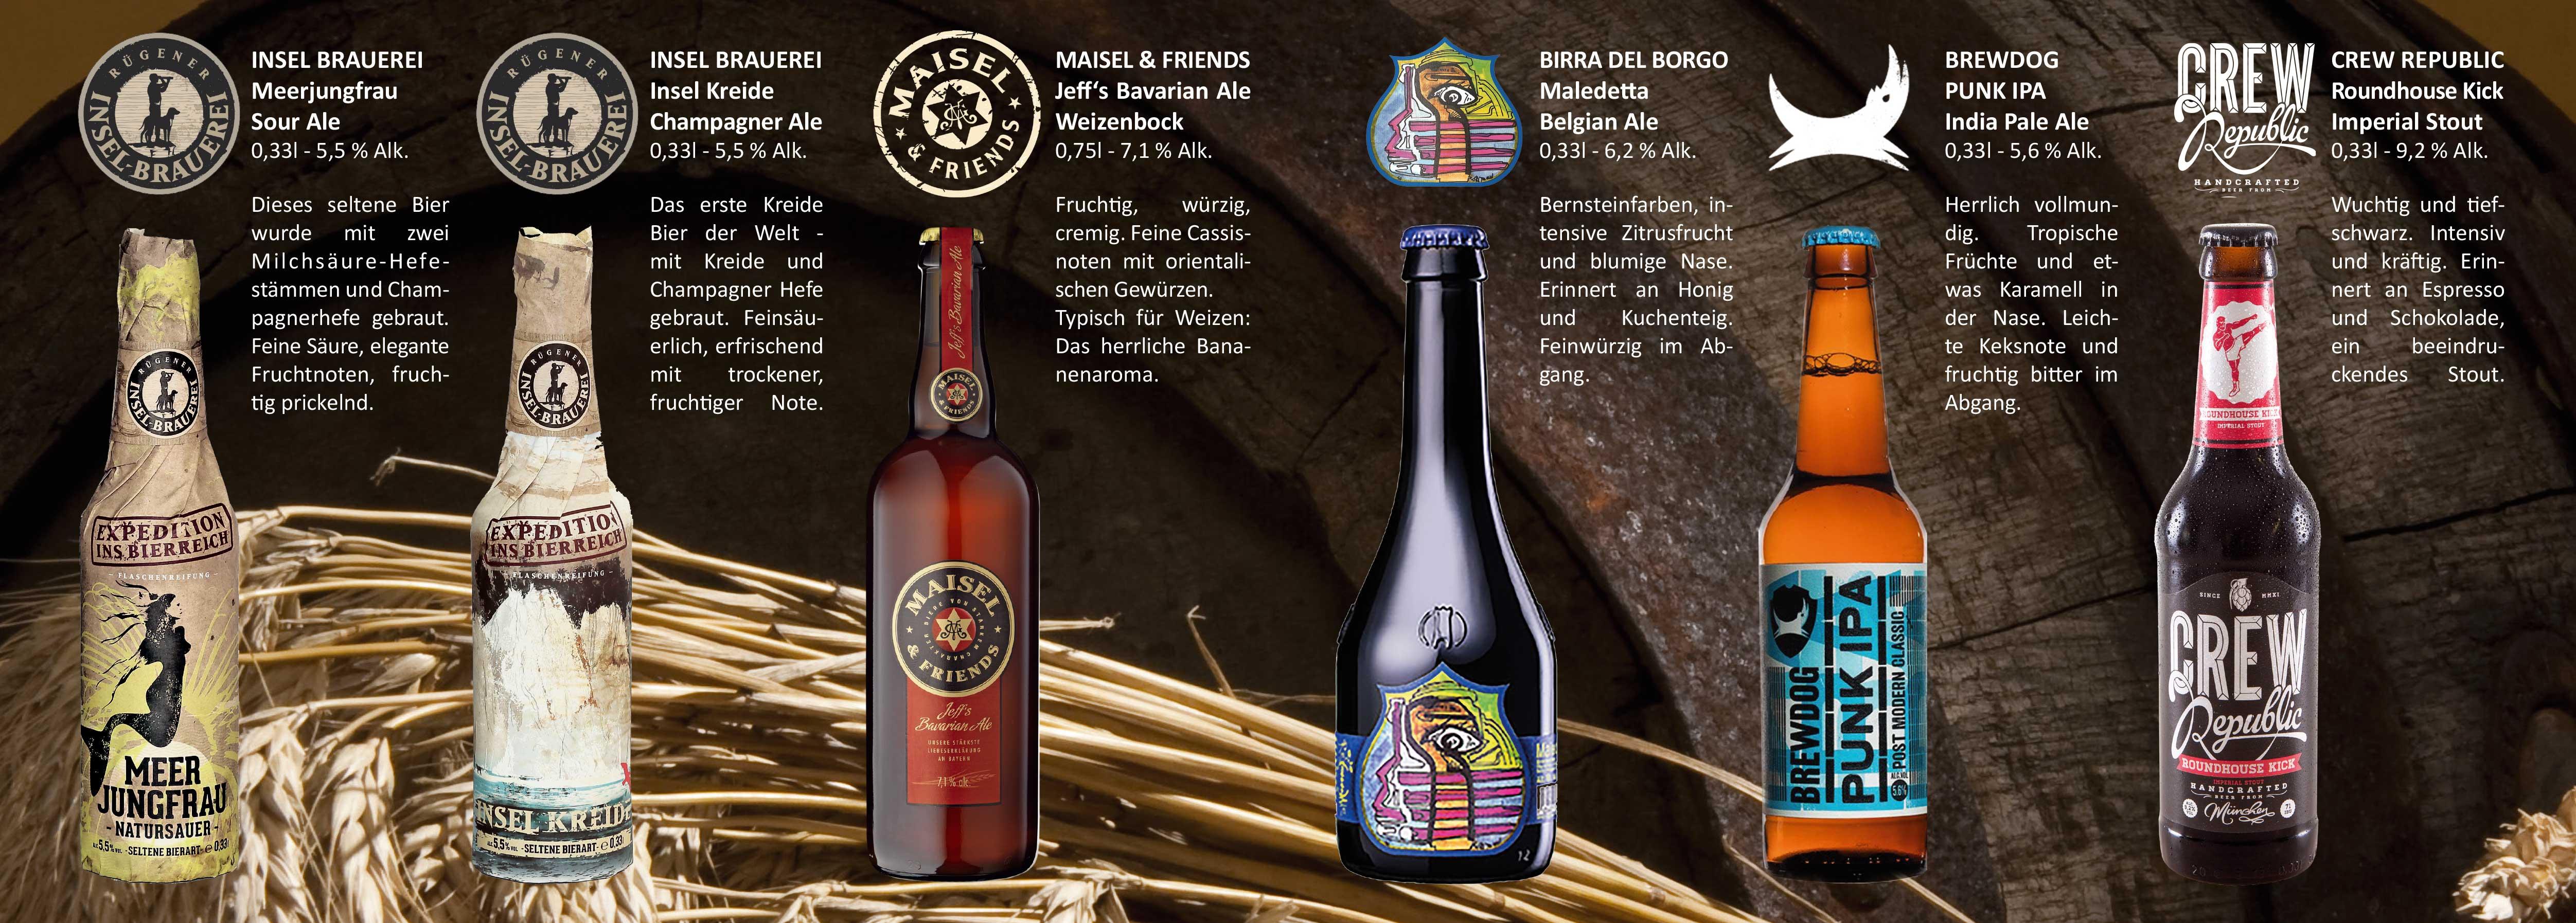 Craft Beer - Lippert Getränkefachgroßhandel & Logistik GmbH